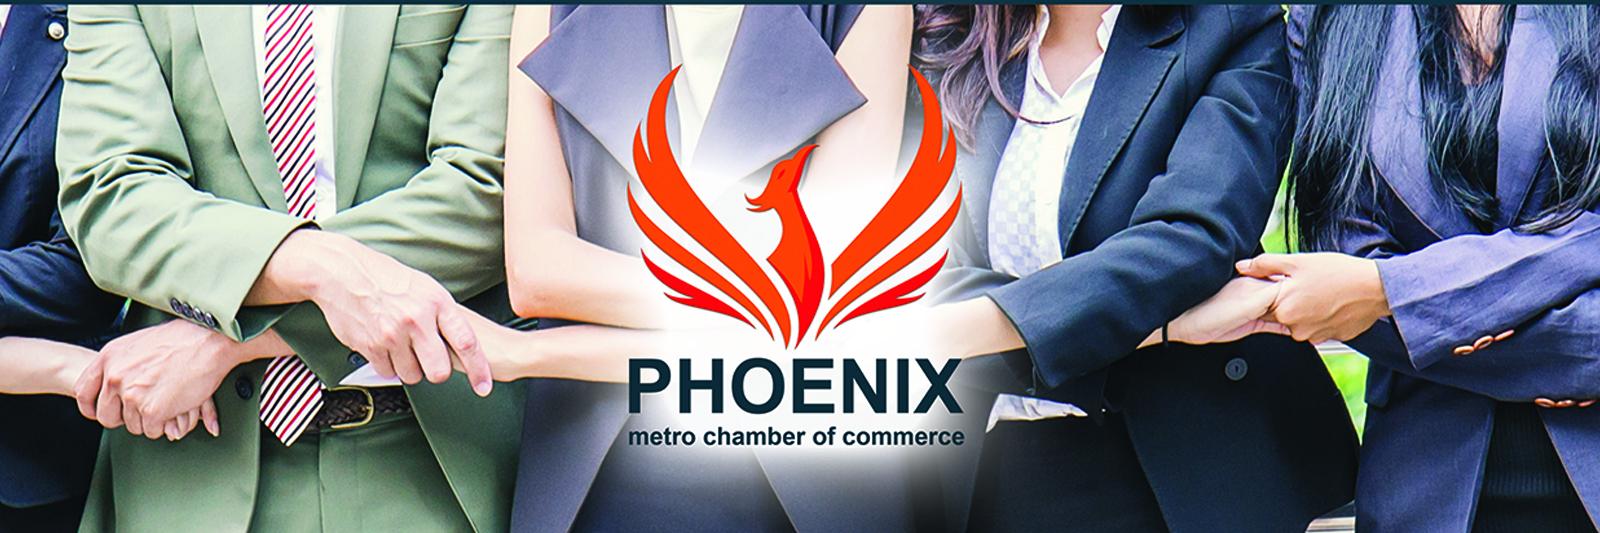 1600-x-533-Phoenix-Metro-Banner-for-Website.jpg